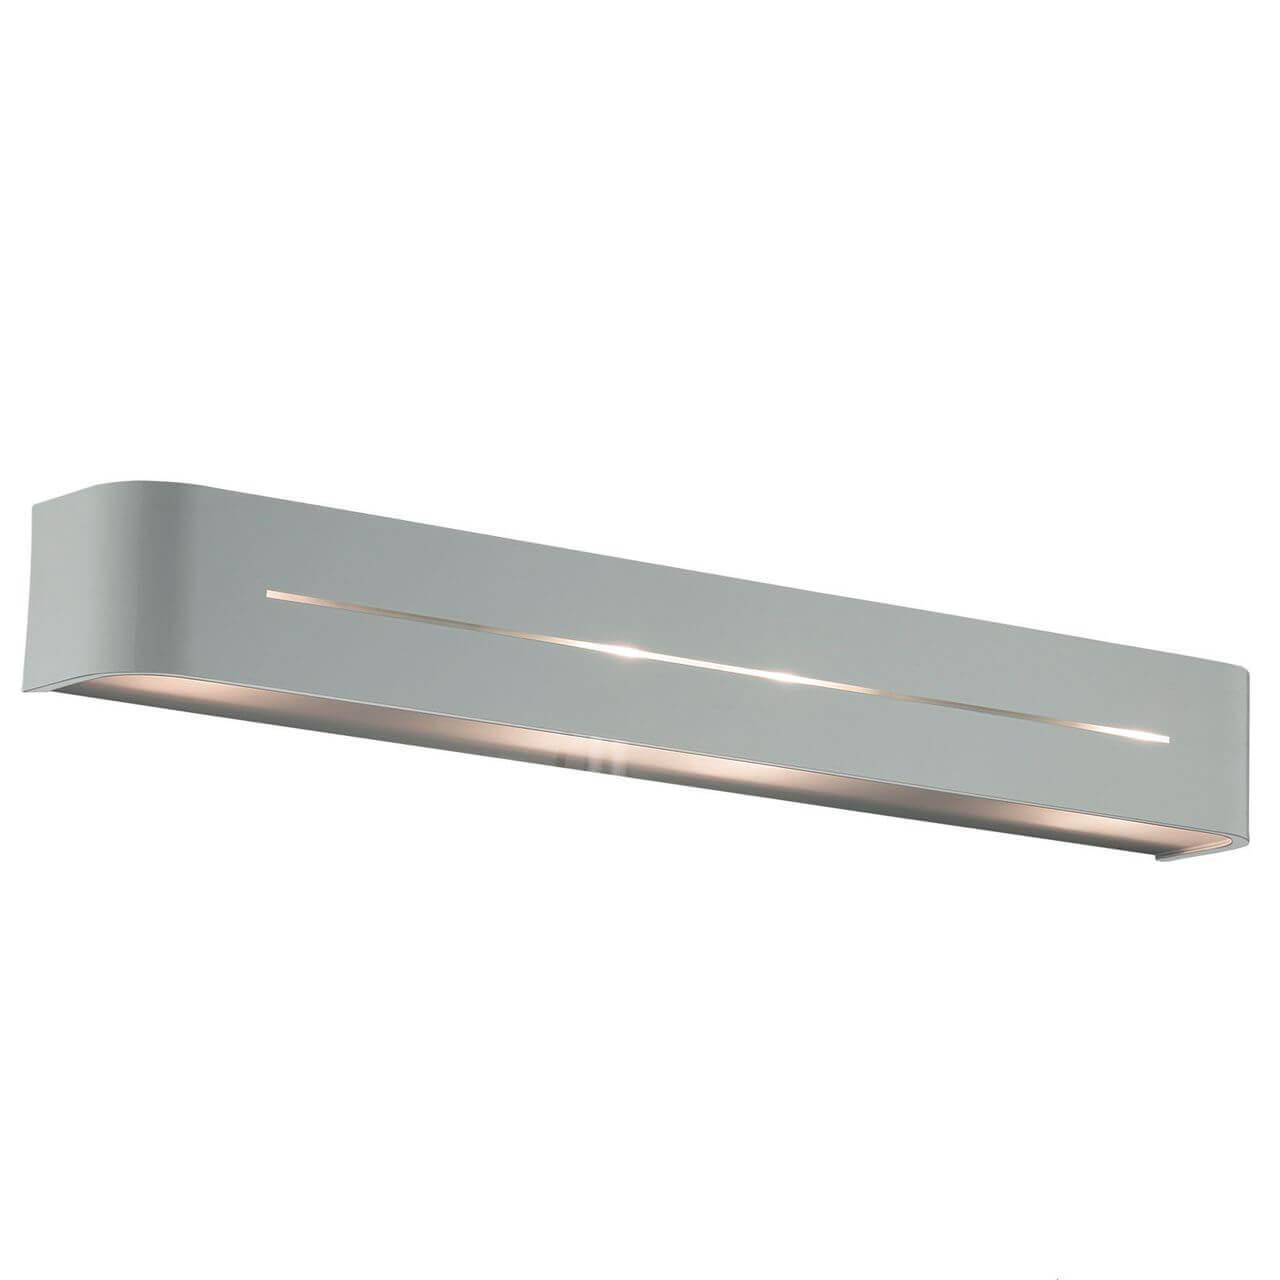 лучшая цена Настенный светильник Ideal Lux Posta AP4 Bianco